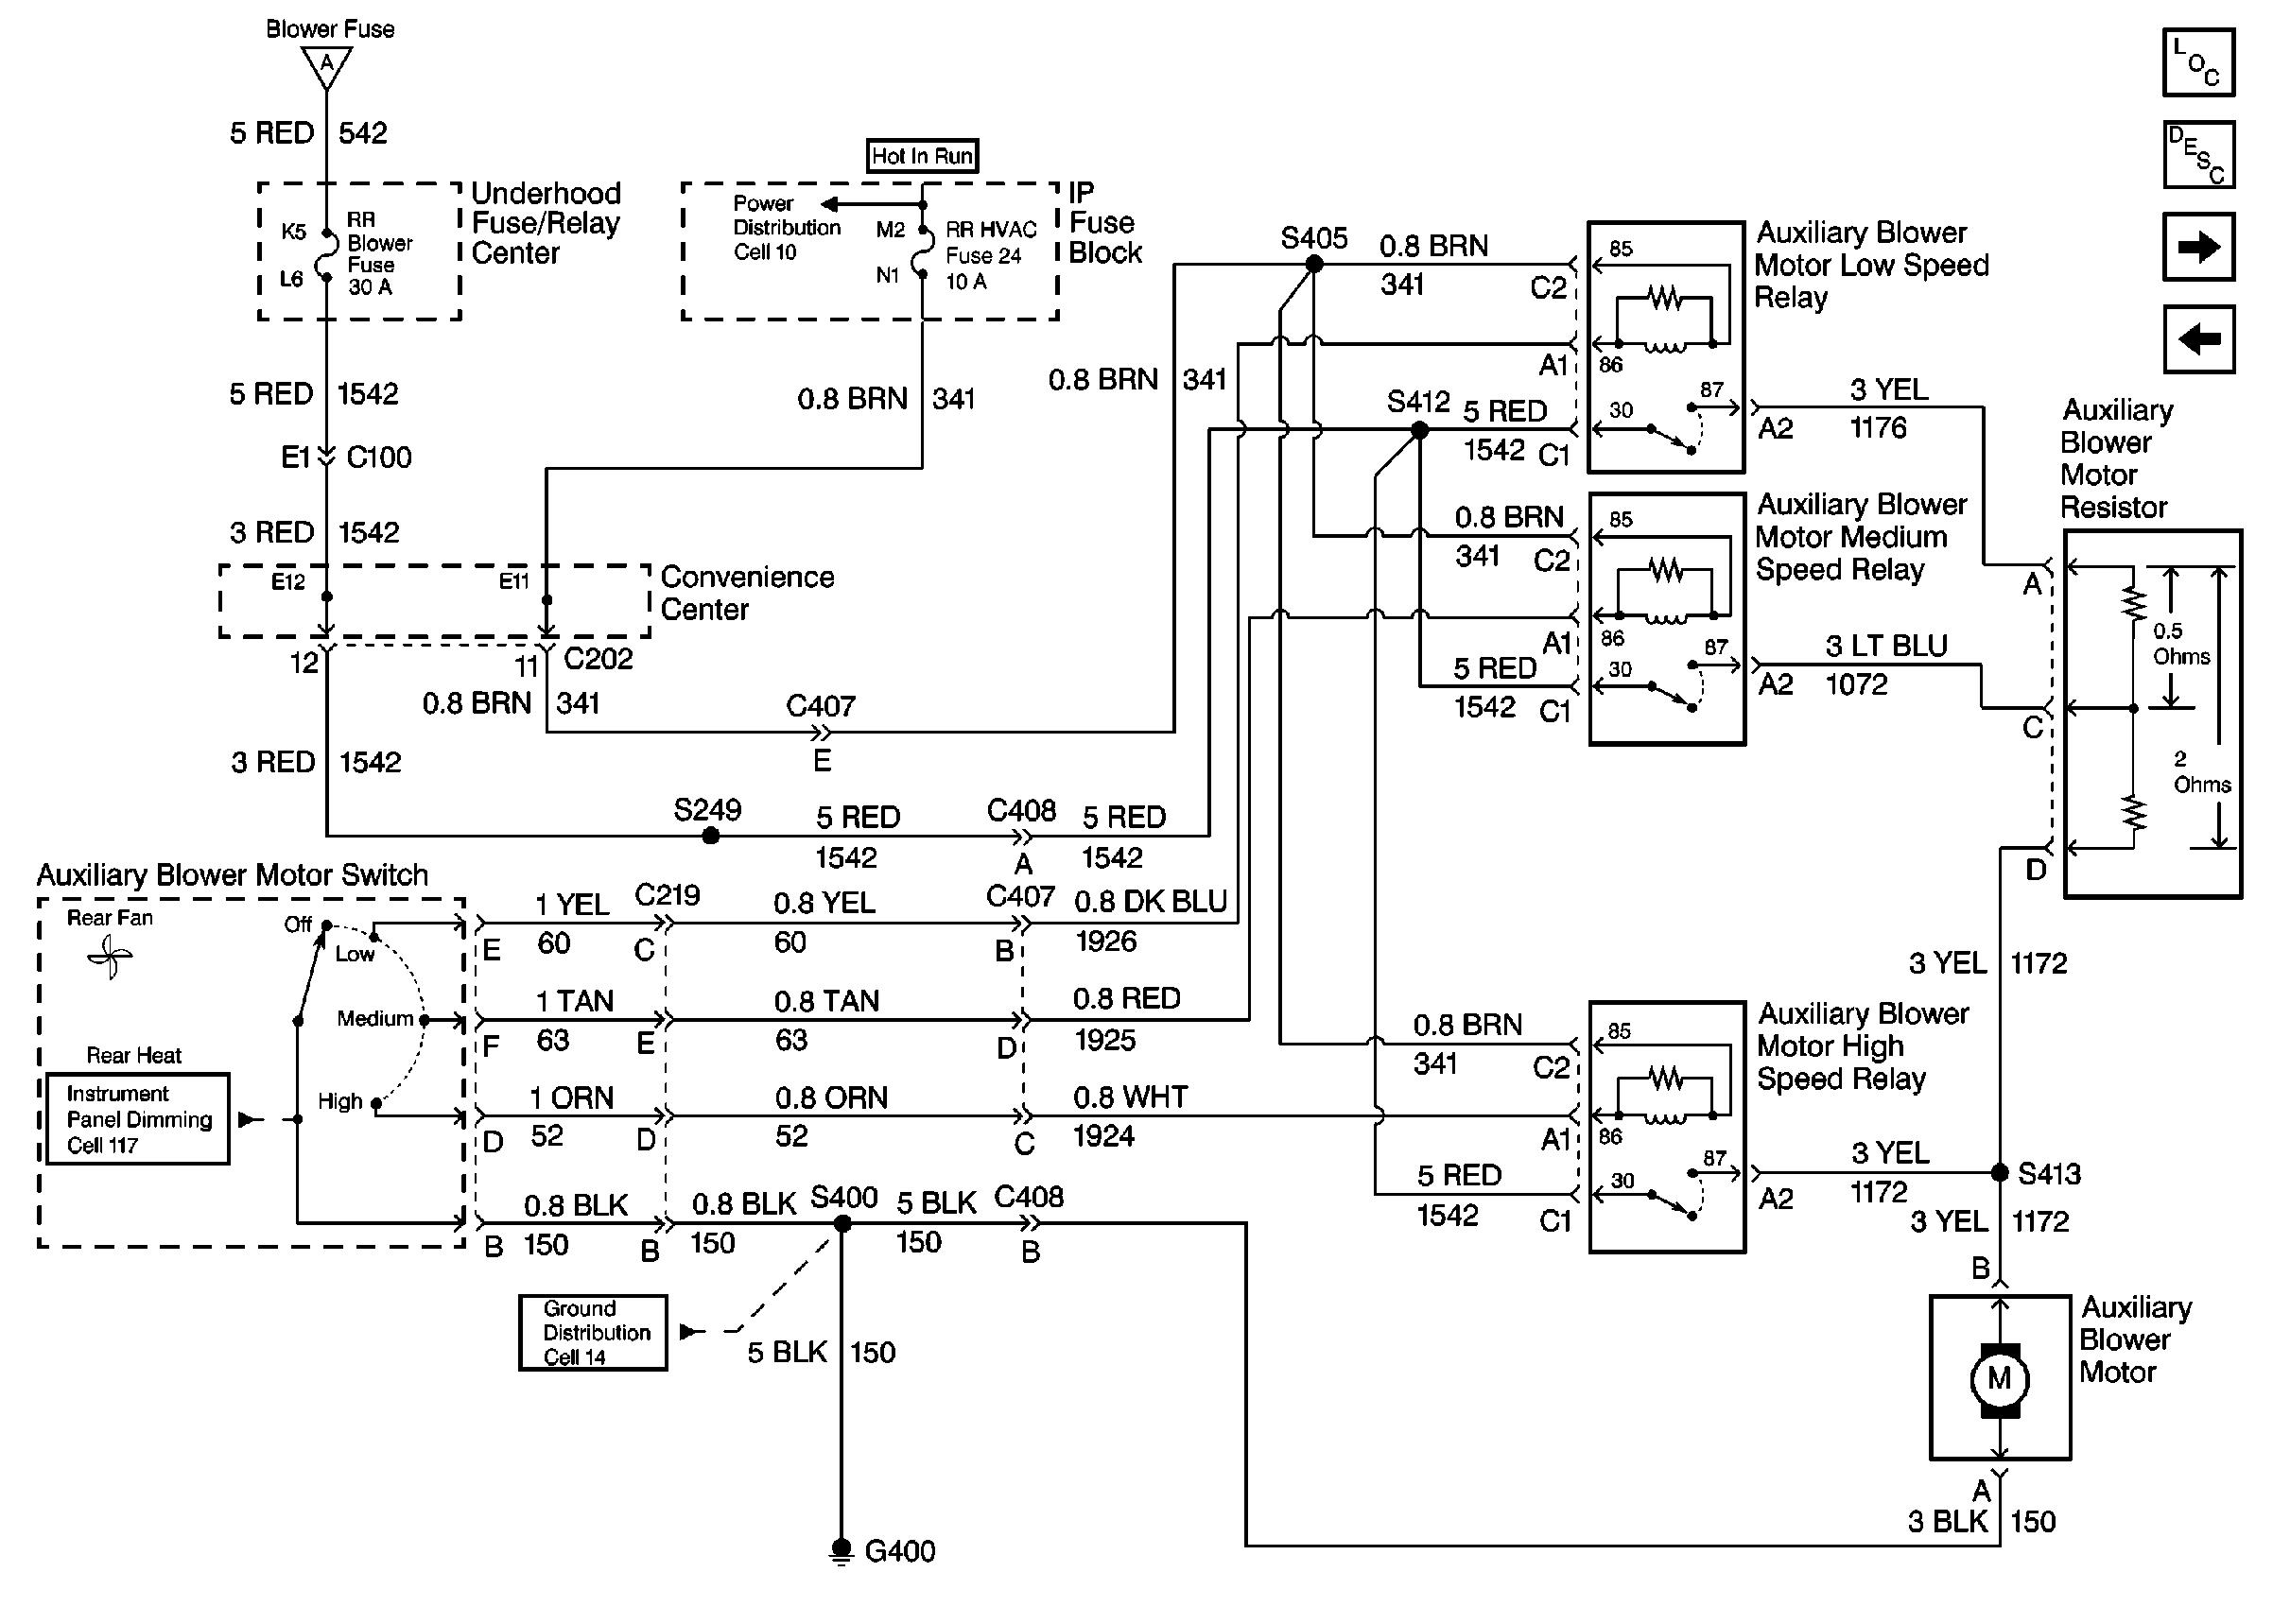 2014 Chevy Silverado Trailer Wiring Diagram : Silverado wiring diagram fuse